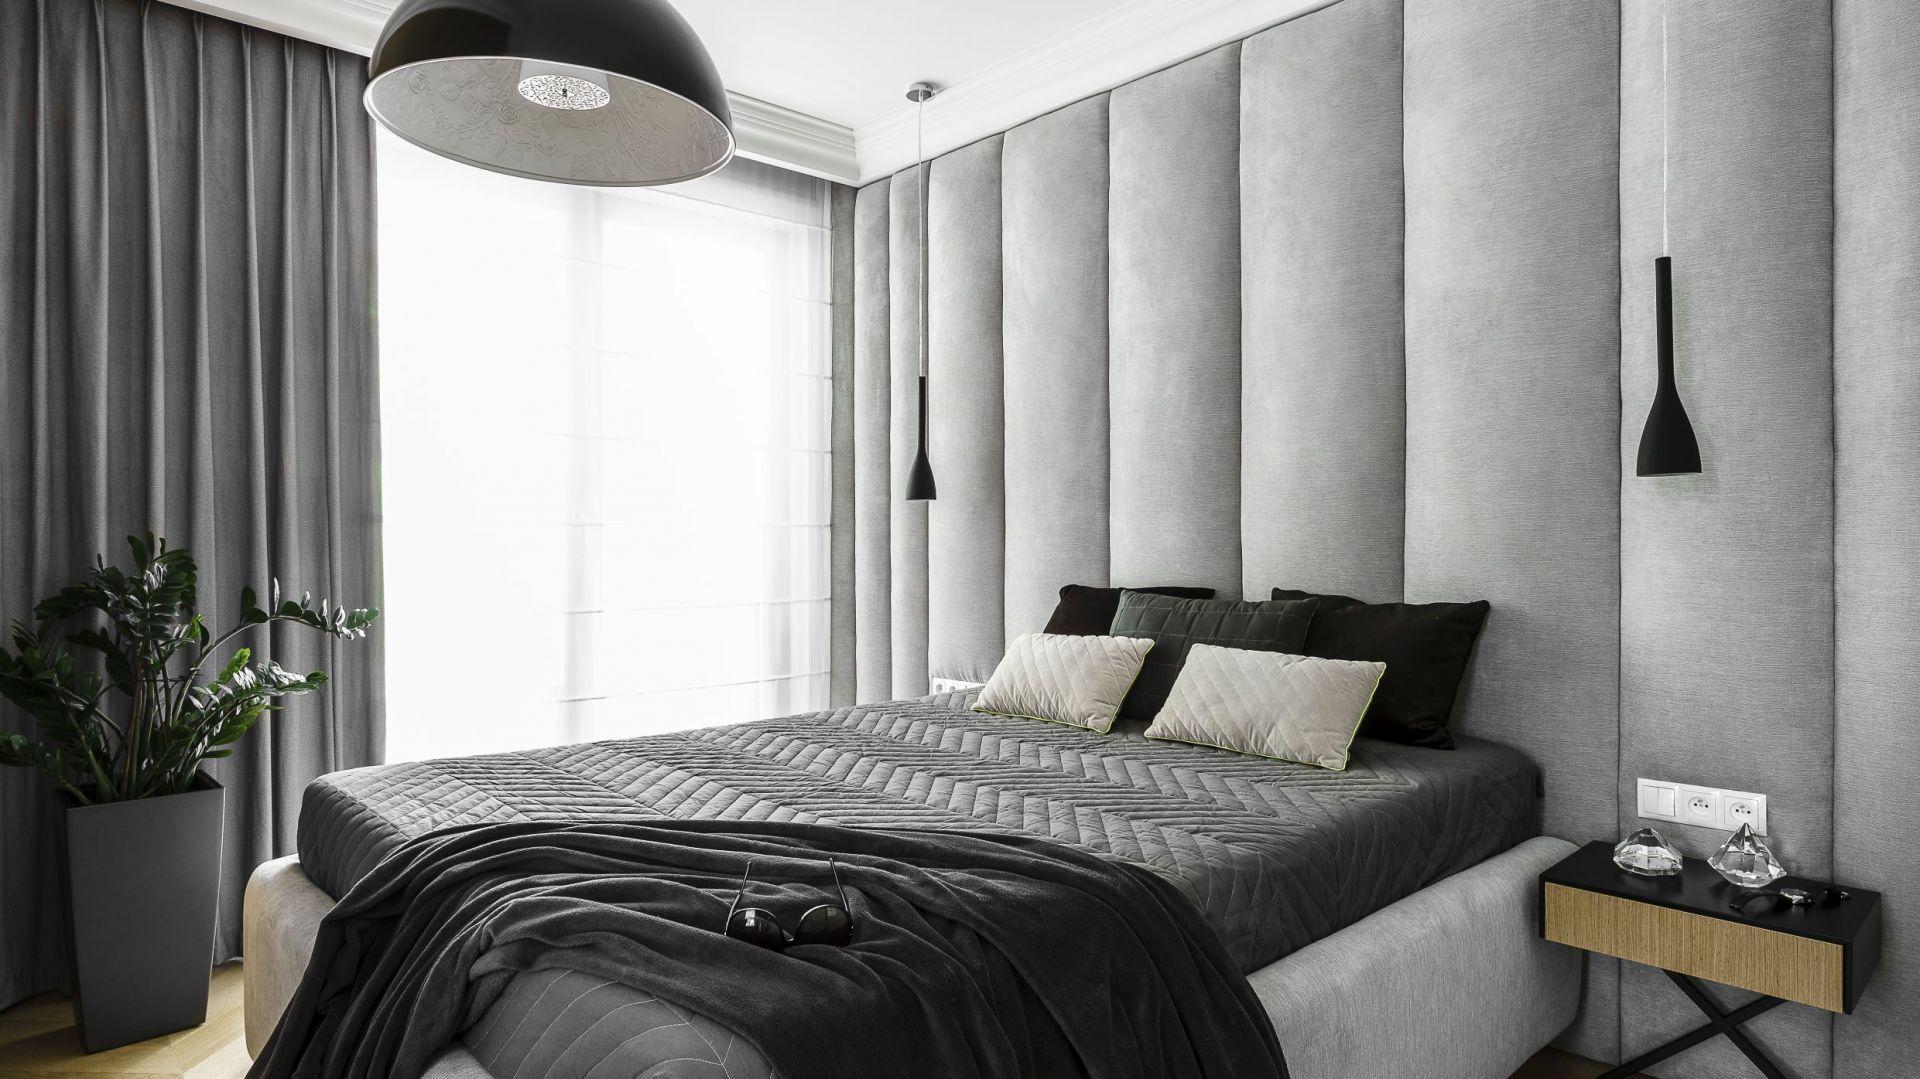 W tej sypialni zastosowano kolory szary w różnych odcieniach, które doskonale pasują do bieli, czerni i drewna. rojekt: Anna Maria Sokołowska. Fot. Fotomohito